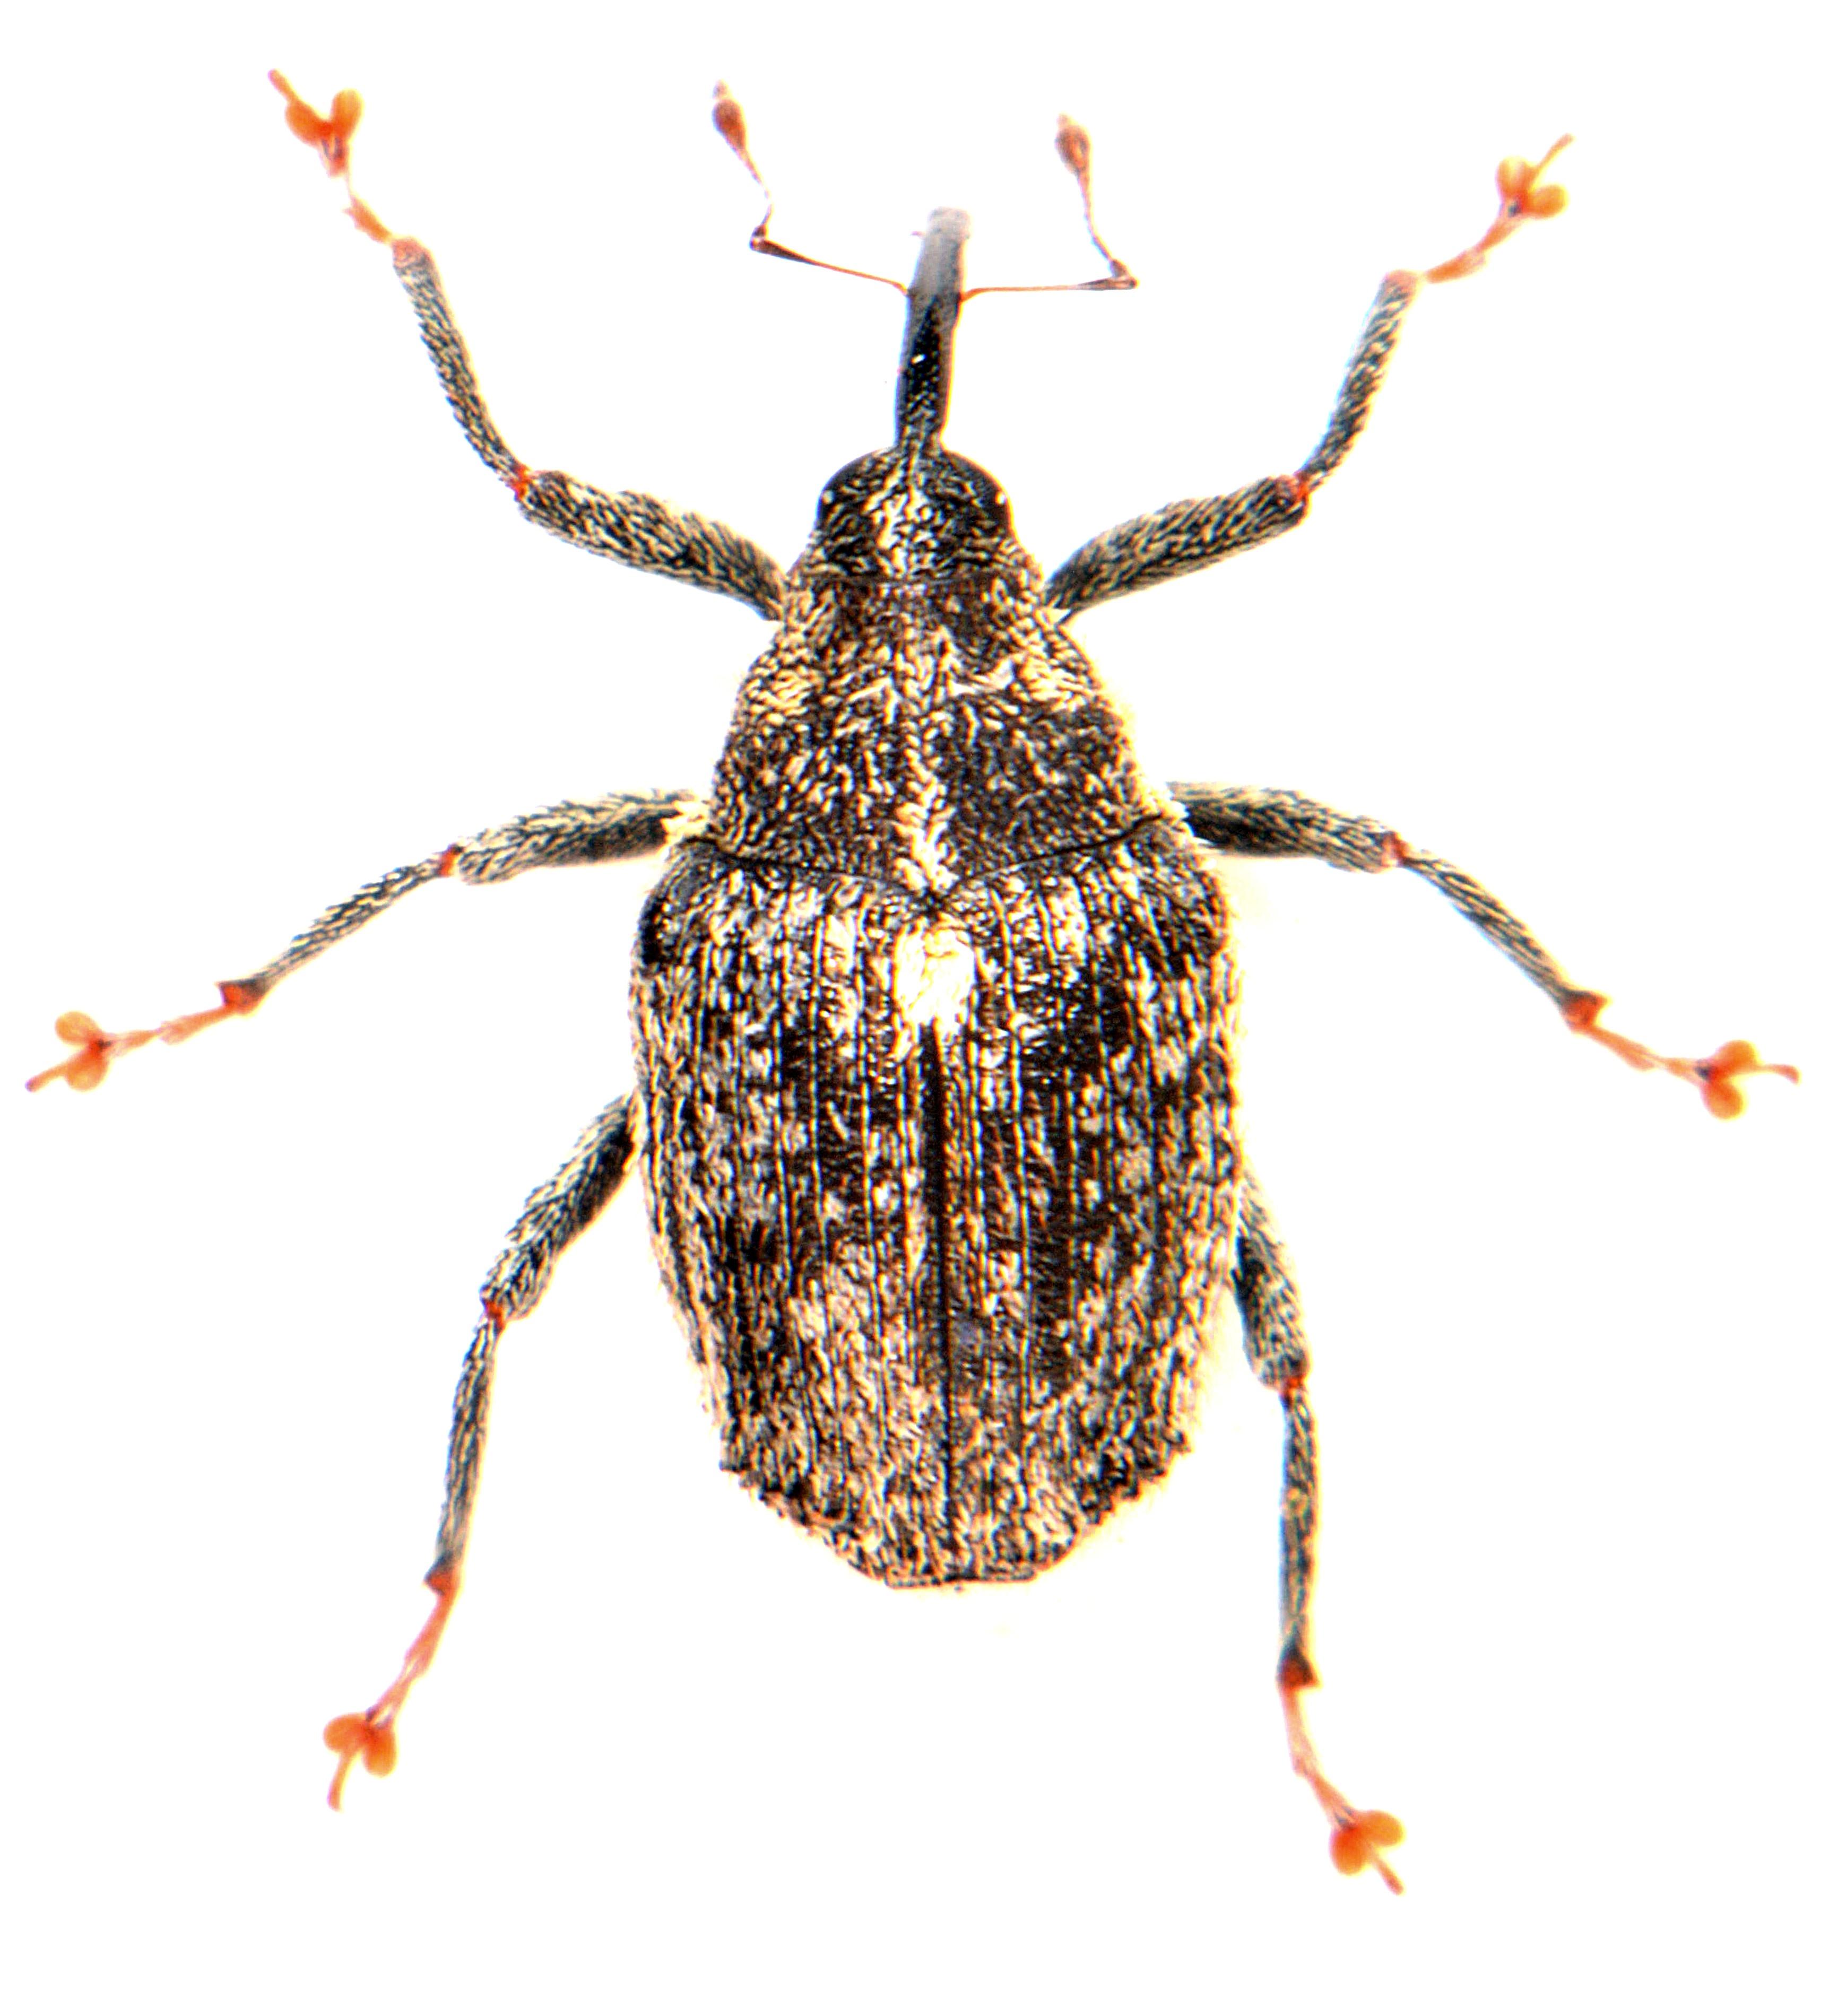 Ceutorhynchus pallidactylus 4